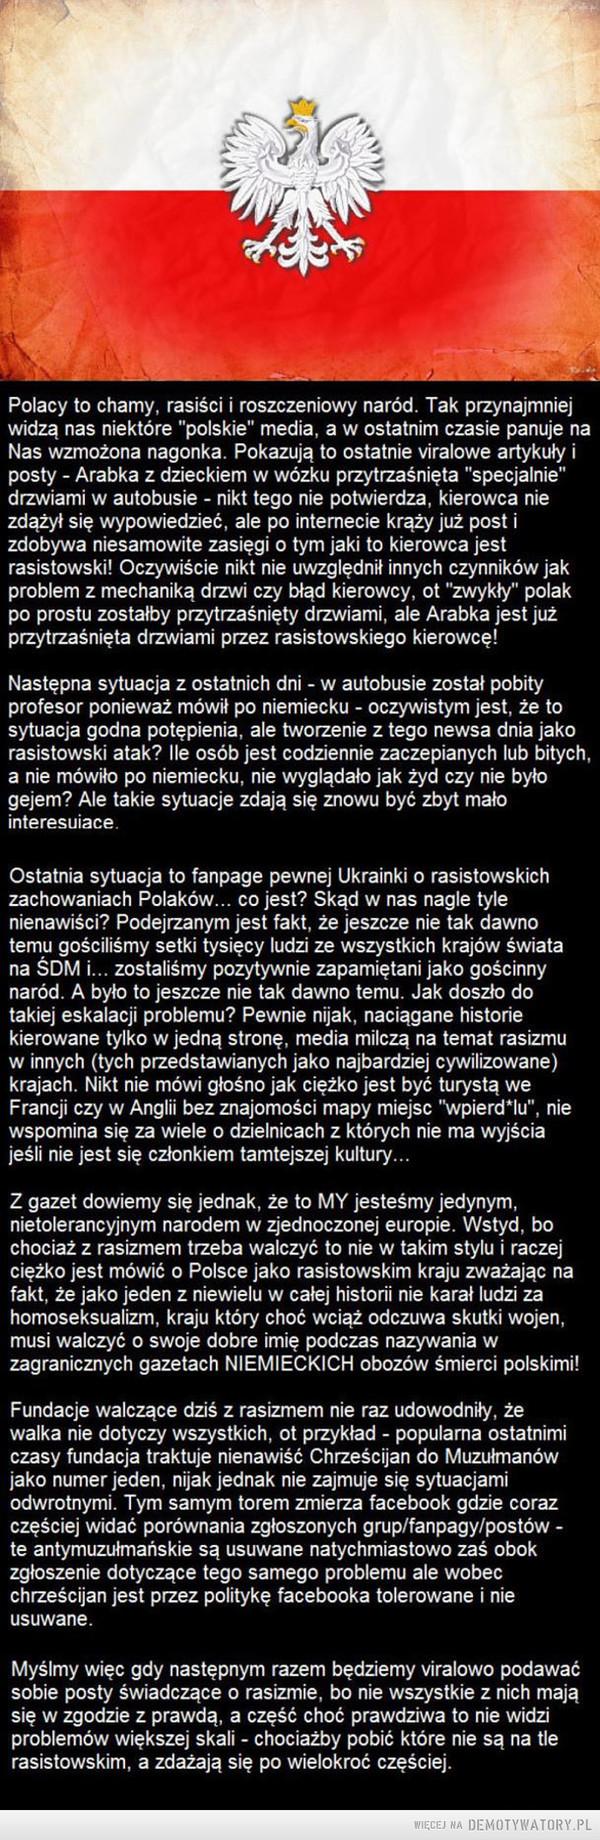 """Drugie dno problemów z rasizmem –  Polacy to chamy, rasiści i roszczeniowy naród. Tak przynajmniejwidzą nas niektóre """"polskie"""" media, a w ostatnim czasie panuje naNas wzmożona nagonka. Pokazują to ostatnie viralowe artykuły iposty - Arabka z dzieckiem w wózku przytrzaśnięta """"specjalnie""""drzwiami w autobusie - nikt tego nie potwierdza, kierowca niezdążył się wypowiedzieć, ale po internecie krąży już postizdobywa niesamowite zasięgi o tym jaki to kierowca jestrasistowski! Oczywiście nikt nie uwzględnił innych czynników jakproblem z mechaniką drzwi czy błąd kierowcy, ot """"zwykły"""" polakpo prostu zostałby przytrzaśnięty drzwiami, ale Arabka jest jużprzytrzaśnięta drzwiami przez rasistowskiego kierowcę!Następna sytuacja z ostatnich dni - w autobusie został pobityprofesor ponieważ mówił po niemiecku - oczywistym jest, że tosytuacja godna potępienia, ale tworzenie z tego newsa dnia jakorasistowski atak? Ile osób jest codziennie zaczepianych lub bitych,a nie mówiło po niemiecku, nie wyglądało jak żyd czy nie byłogejem? Ale takie sytuacje zdają się znowu być zbyt małointeresuiace.Ostatnia sytuacja to fanpage pewnej Ukrainki o rasistowskichzachowaniach Polaków... co jest? Skąd w nas nagle tylenienawiści? Podejrzanym jest fakt, że jeszcze nie tak dawnotemu gościliśmy setki tysięcy ludzi ze wszystkich krajów światana SDM i... zostaliśmy pozytywnie zapamiętani jako gościnnynaród. A było to jeszcze nie tak dawno temu. Jak doszło dotakiej eskalacji problemu? Pewnie nijak, naciągane historiekierowane tylko w jedną stronę, media milczą na temat rasizmuwinnych (tych przedstawianych jako najbardziej cywilizowane)krajach. Nikt nie mówi głośno jak ciężko jest być turystą weFrancji czy w Anglii bez znajomości mapy miejsc """"wpierd*lu"""", niewspomina się za wiele o dzielnicach z których nie ma wyjściajeśli nie jest się członkiem tamtejszej kultury...Z gazet dowiemy się jednak, że to MY jesteśmy jedynym,nietolerancyjnym narodem w zjednoczonej europie. Wstyd, bochociaż z rasizmem trzeba walczyć to"""